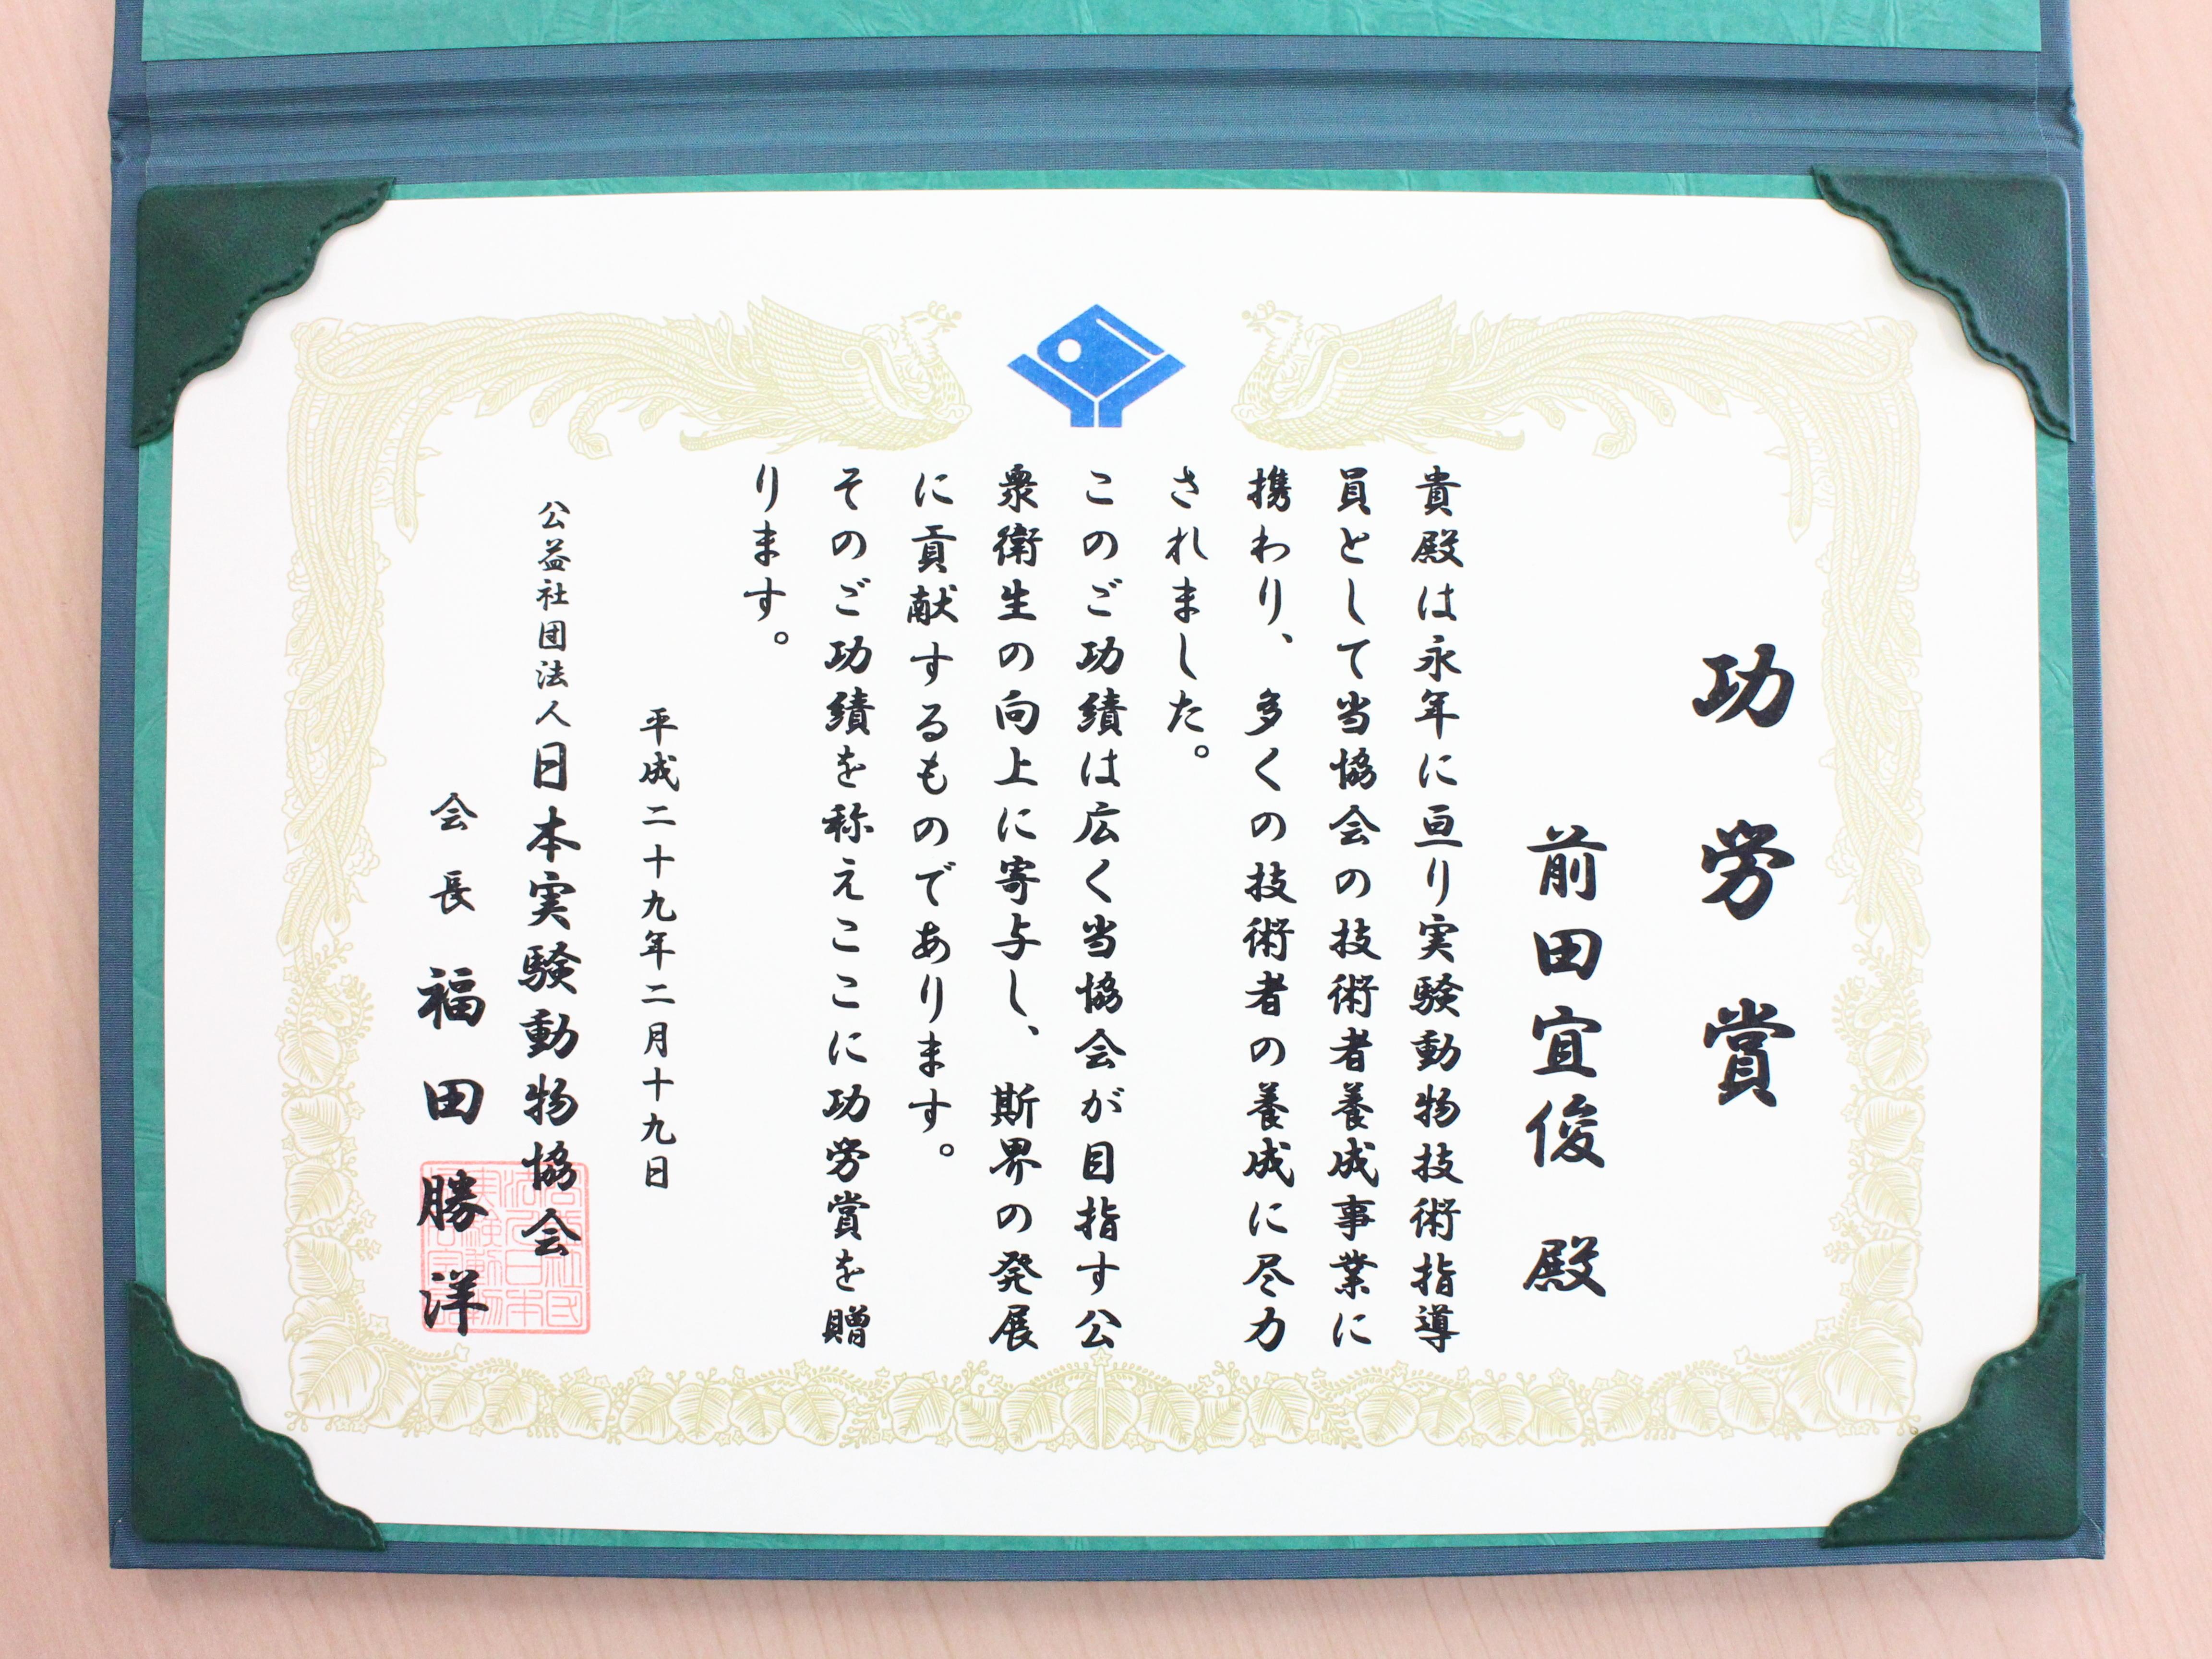 動物資源開発研究分野 前田宜俊助教が平成28年度日本実験動物協会会長功労賞を受賞しました